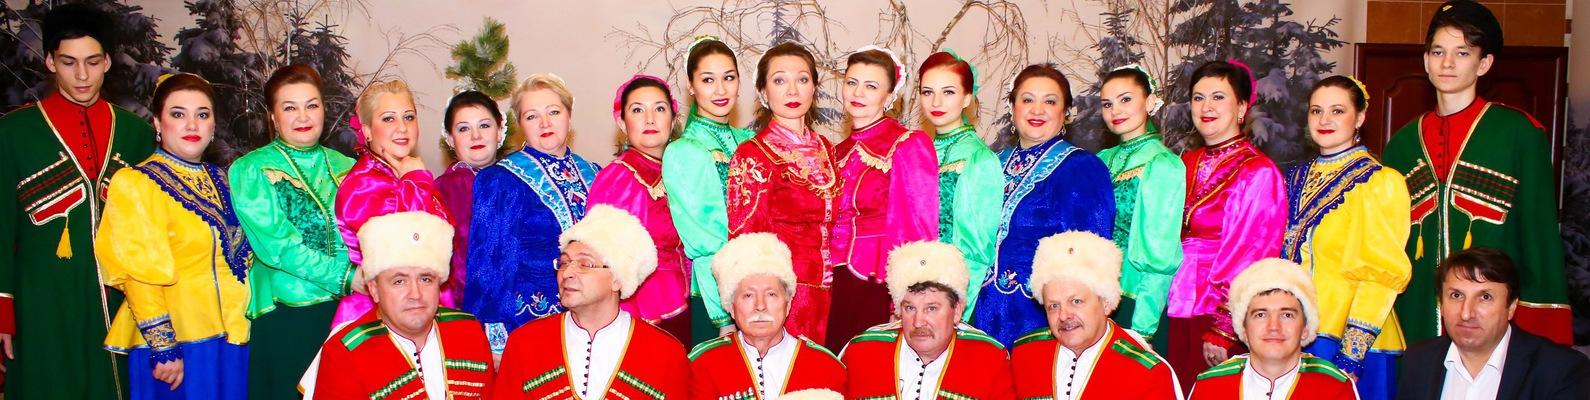 коллектив казачьей песни самара фото заболевание или генетическое